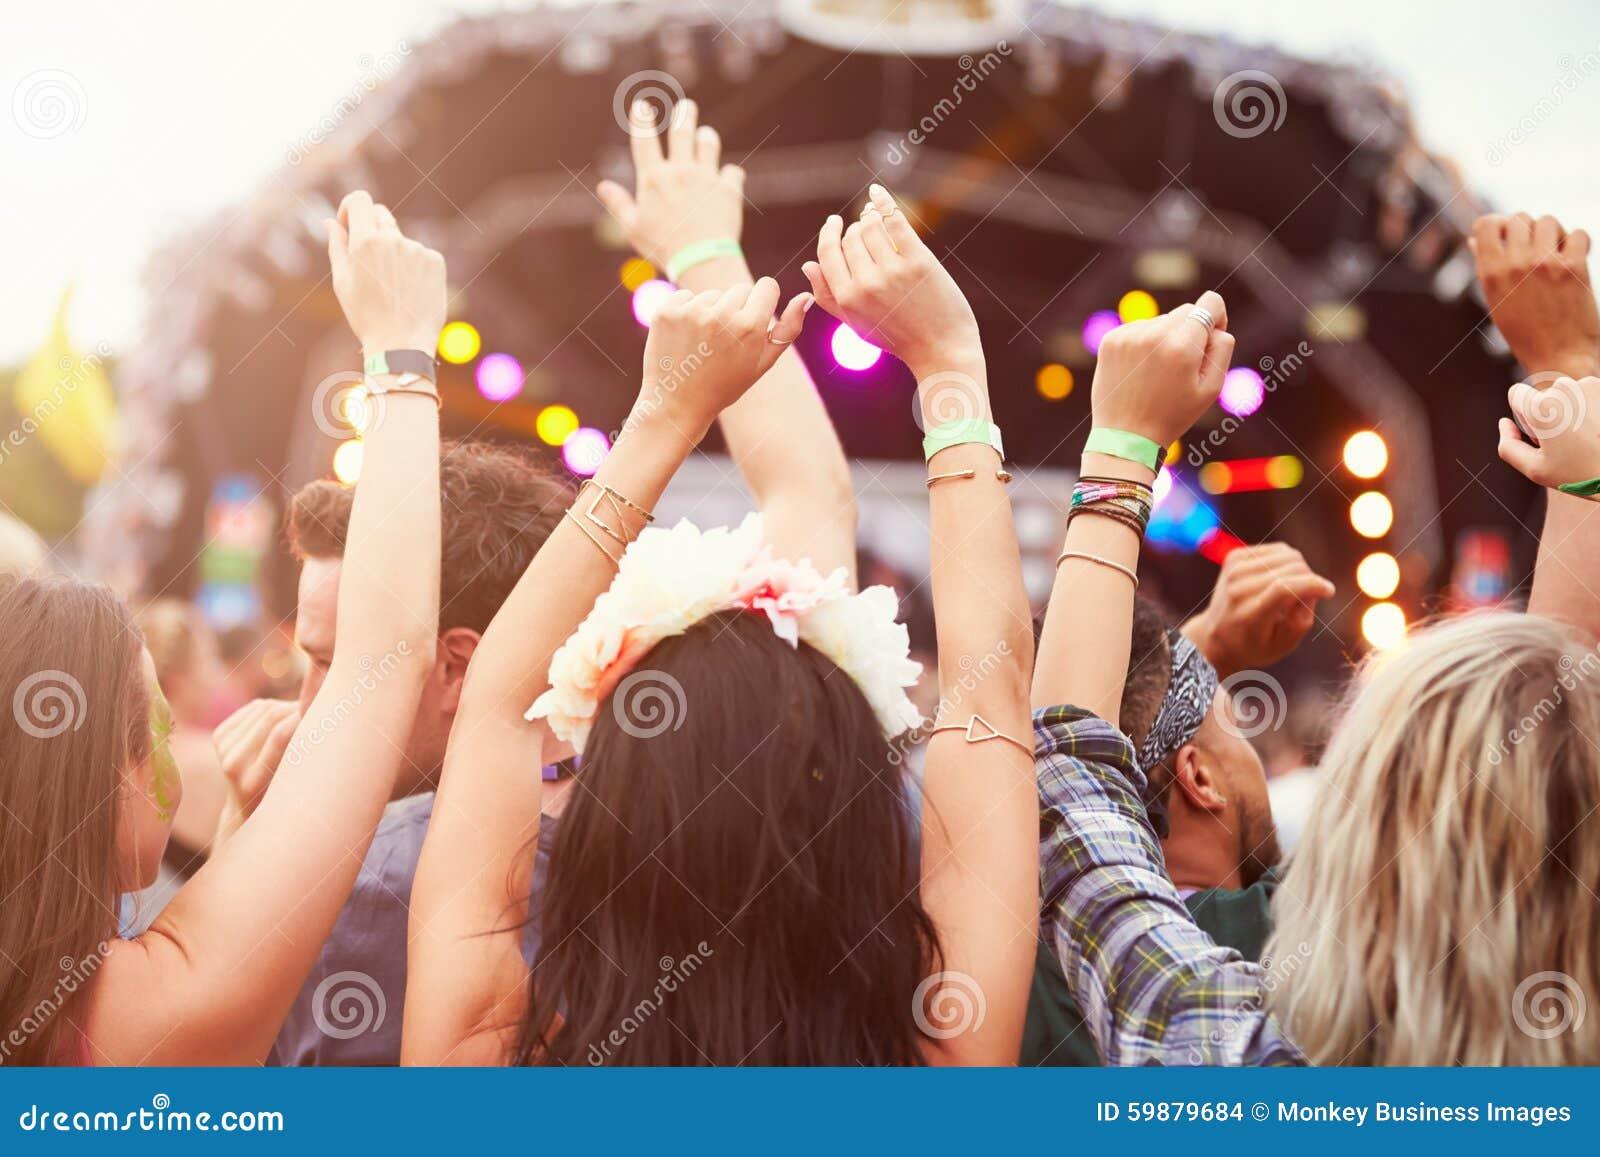 Аудитория с руками в воздухе на музыкальном фестивале